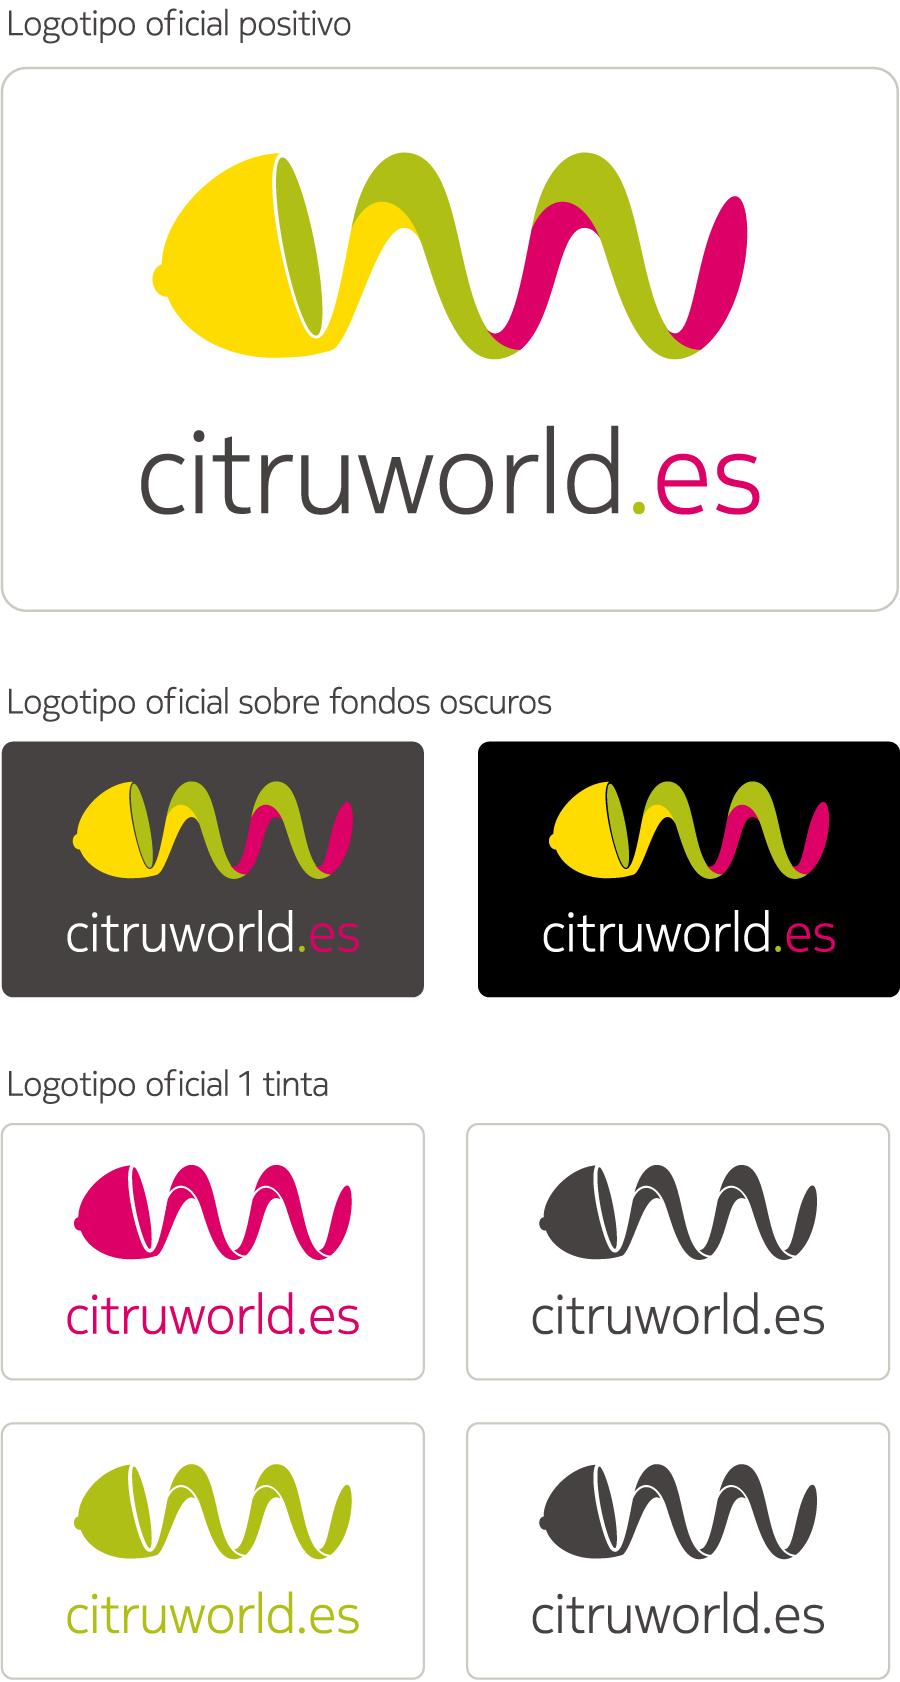 Estudio de marca Citruworld.es Aplicaciones del logotipo.